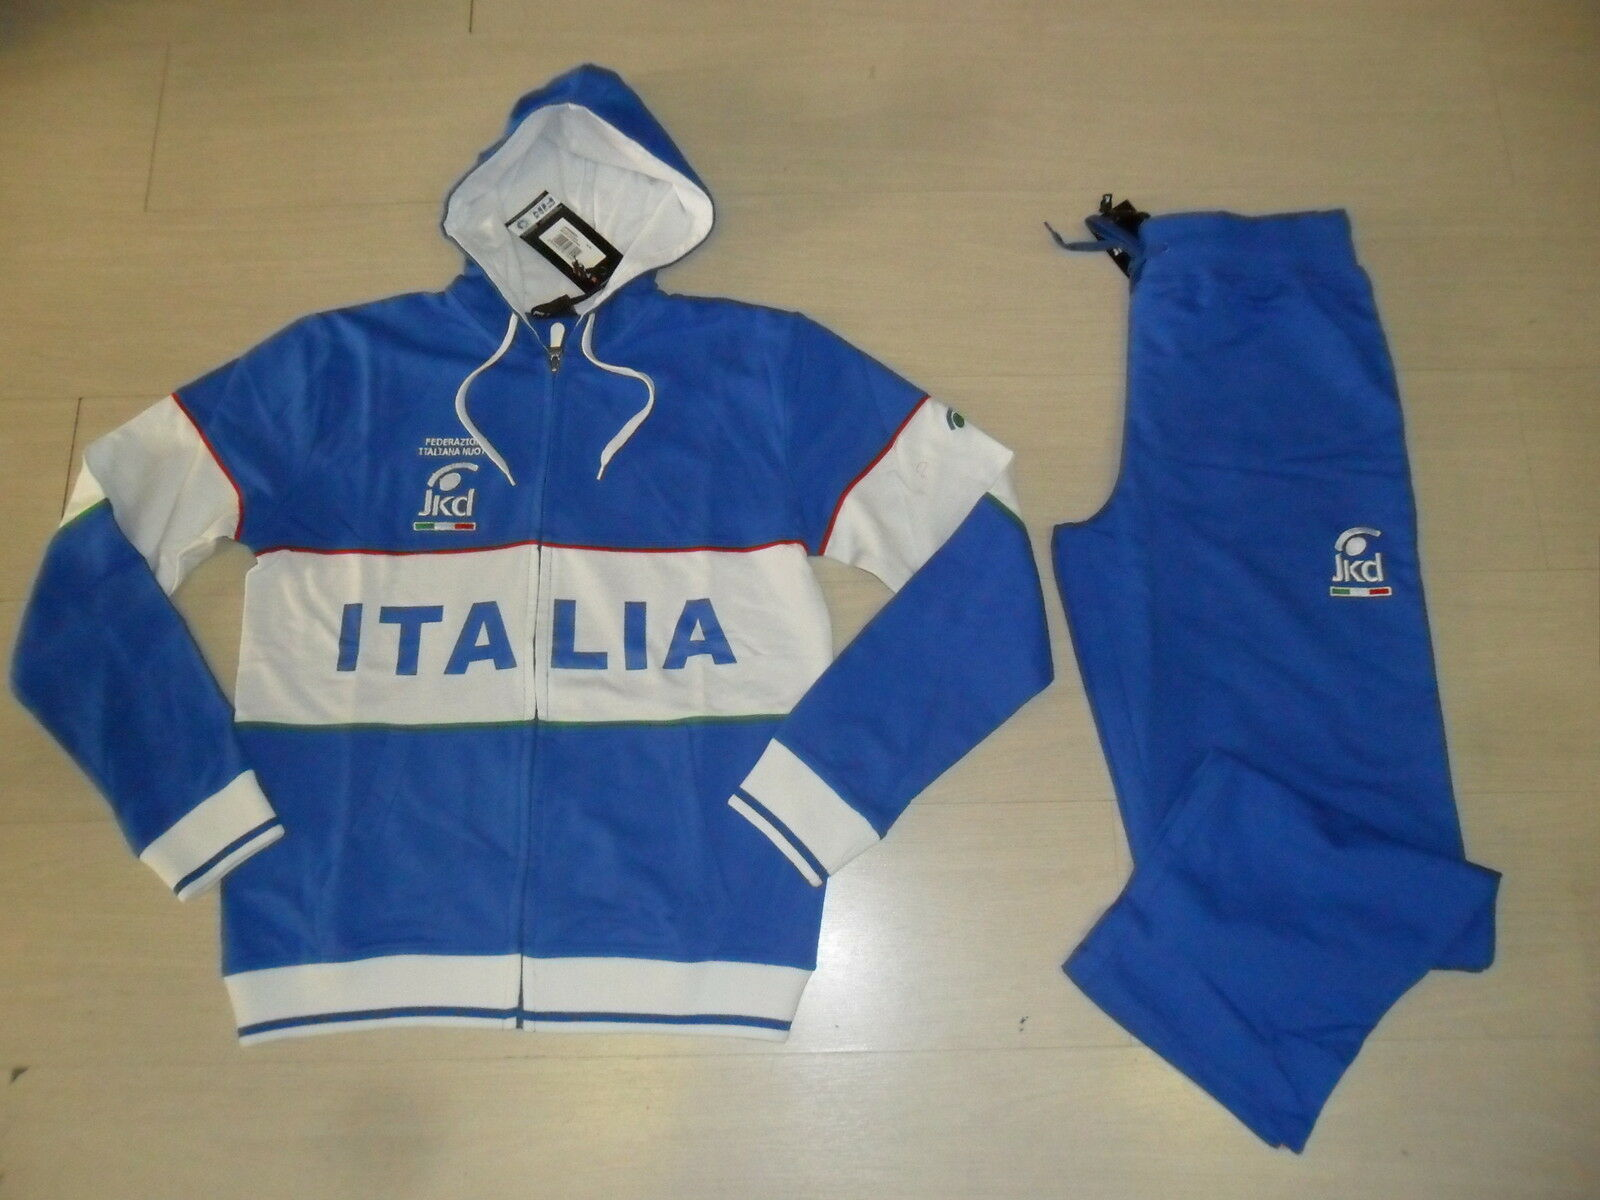 10062 TG XL JAKED FIN FÖDERATION ITALIENISCH SCHWIMMEN ANZUG ITALIEN SWEATSHIRT